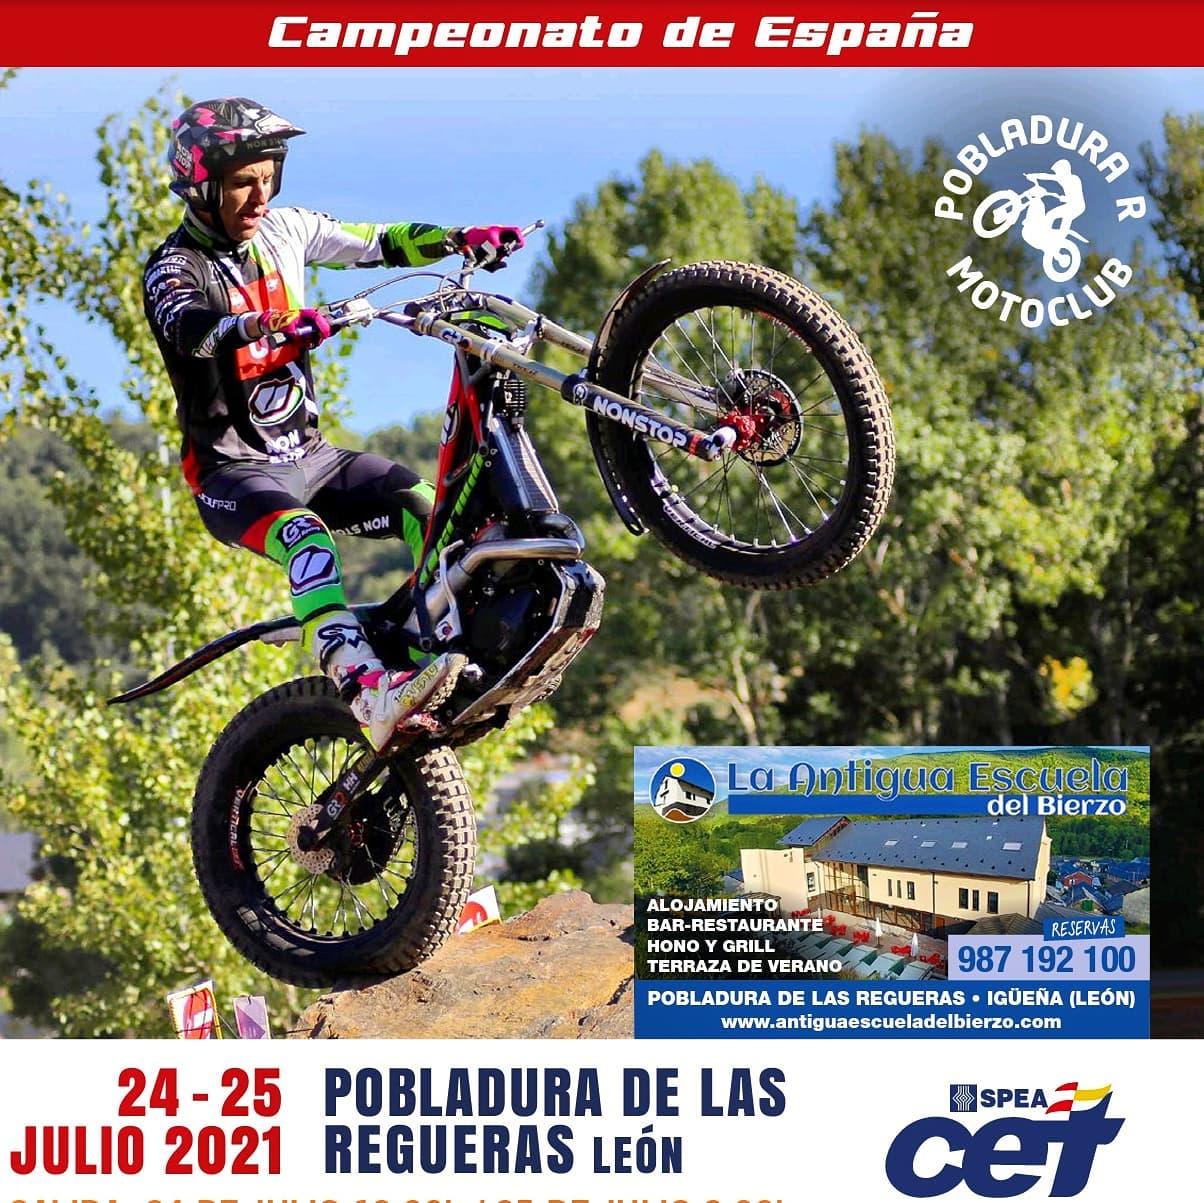 Pobladura de las Regueras recibe este fin de semana el Campeonato de España de trial 2